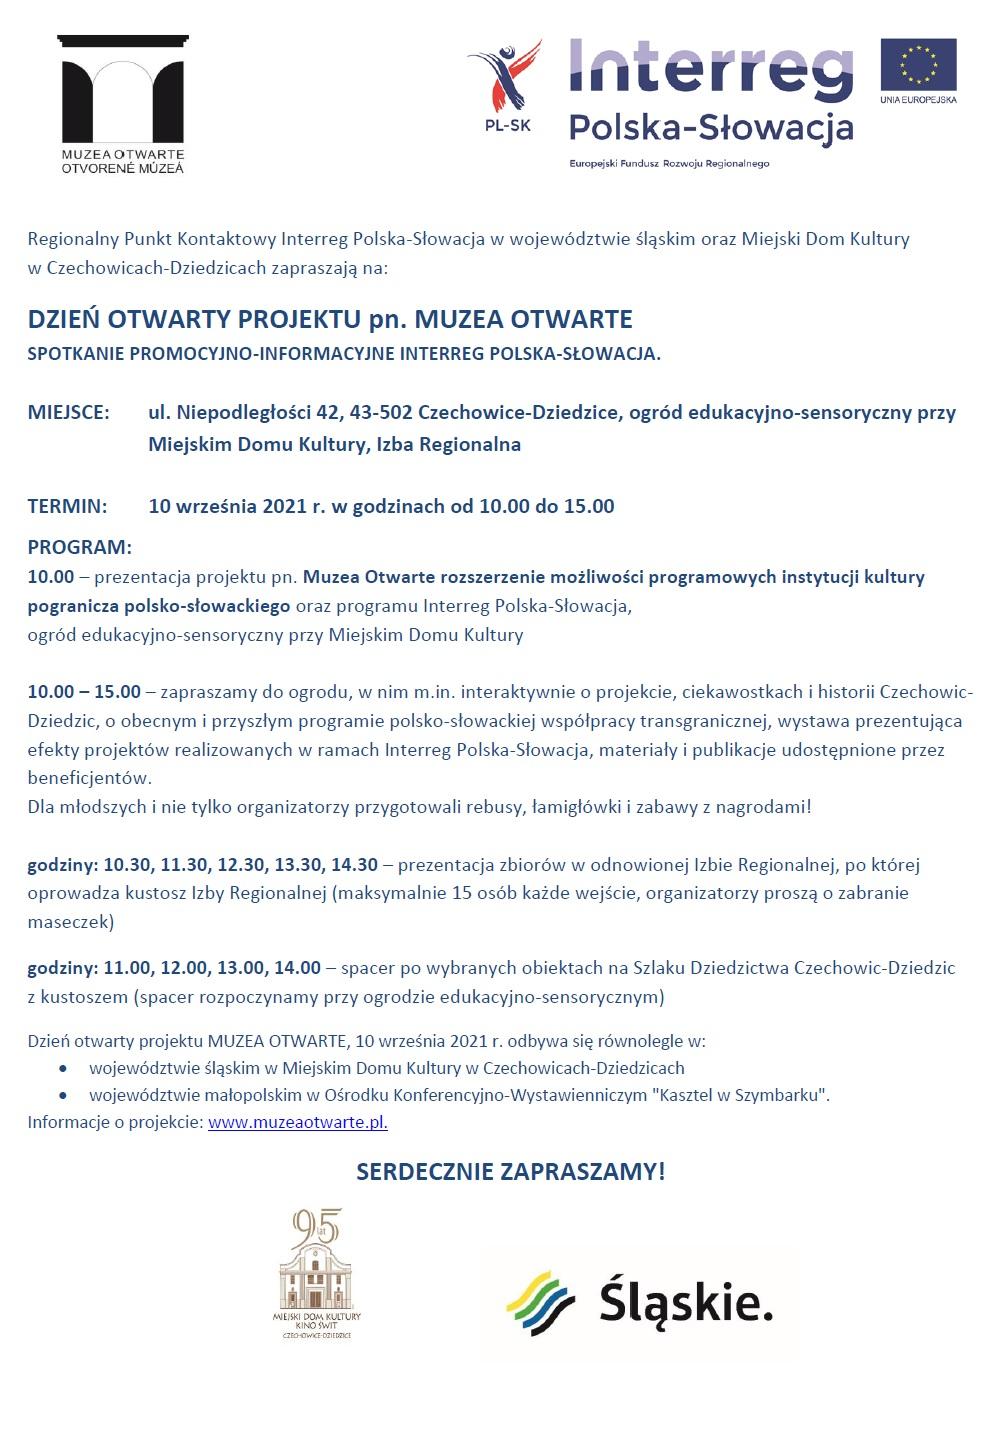 Muzea Otwarte Zaproszenie Czechowice Dziedzice Dzień Otwarty